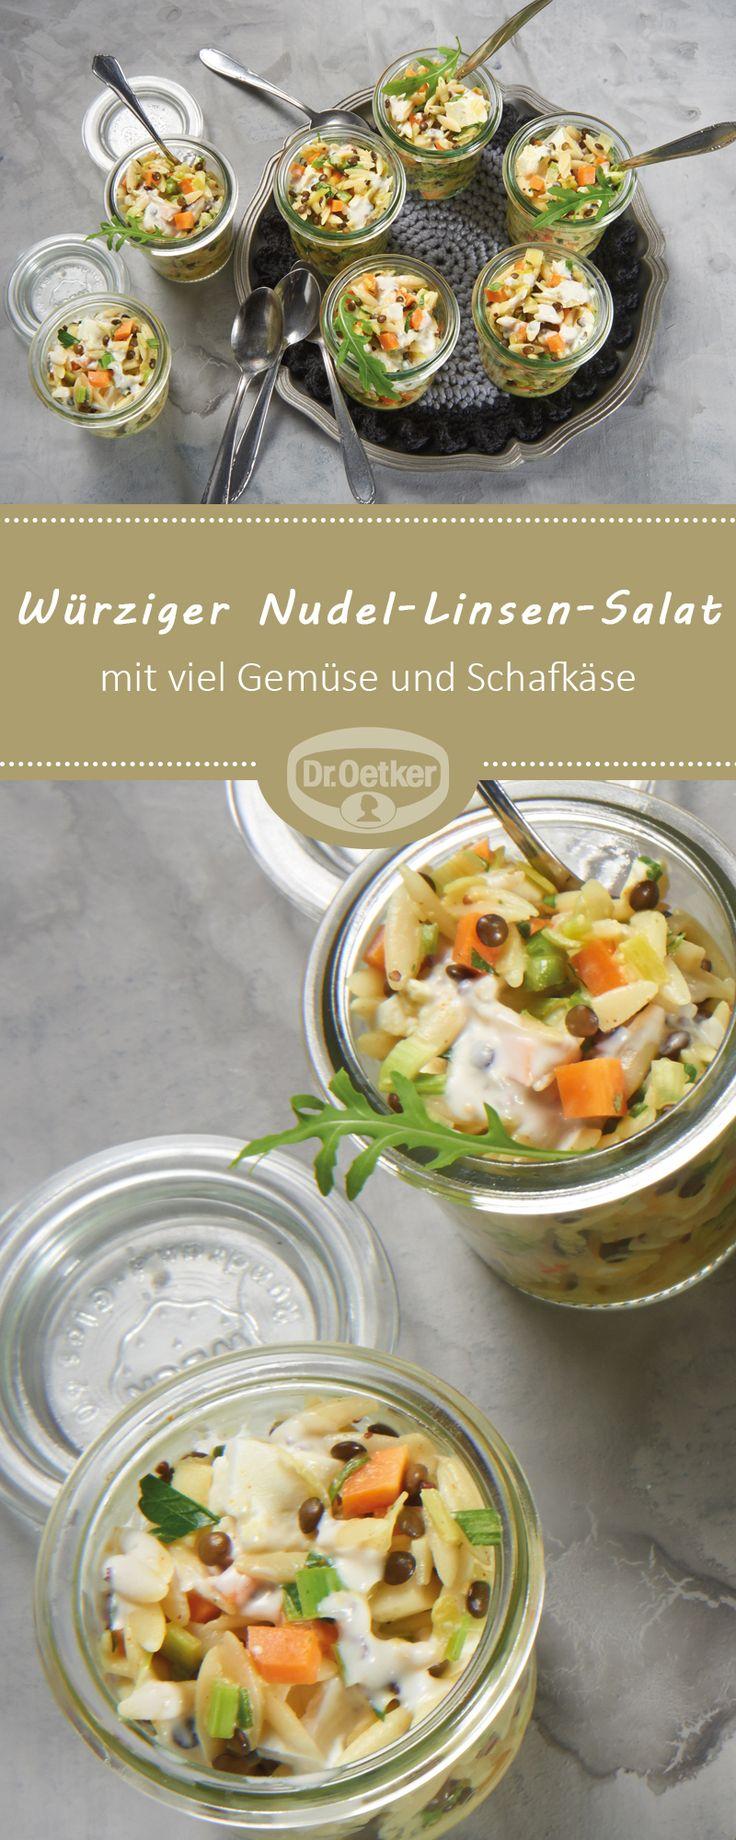 Würziger Nudel-Linsen-Salat: Reis-Nudelsalat mit viel Gemüse und Schafkäse